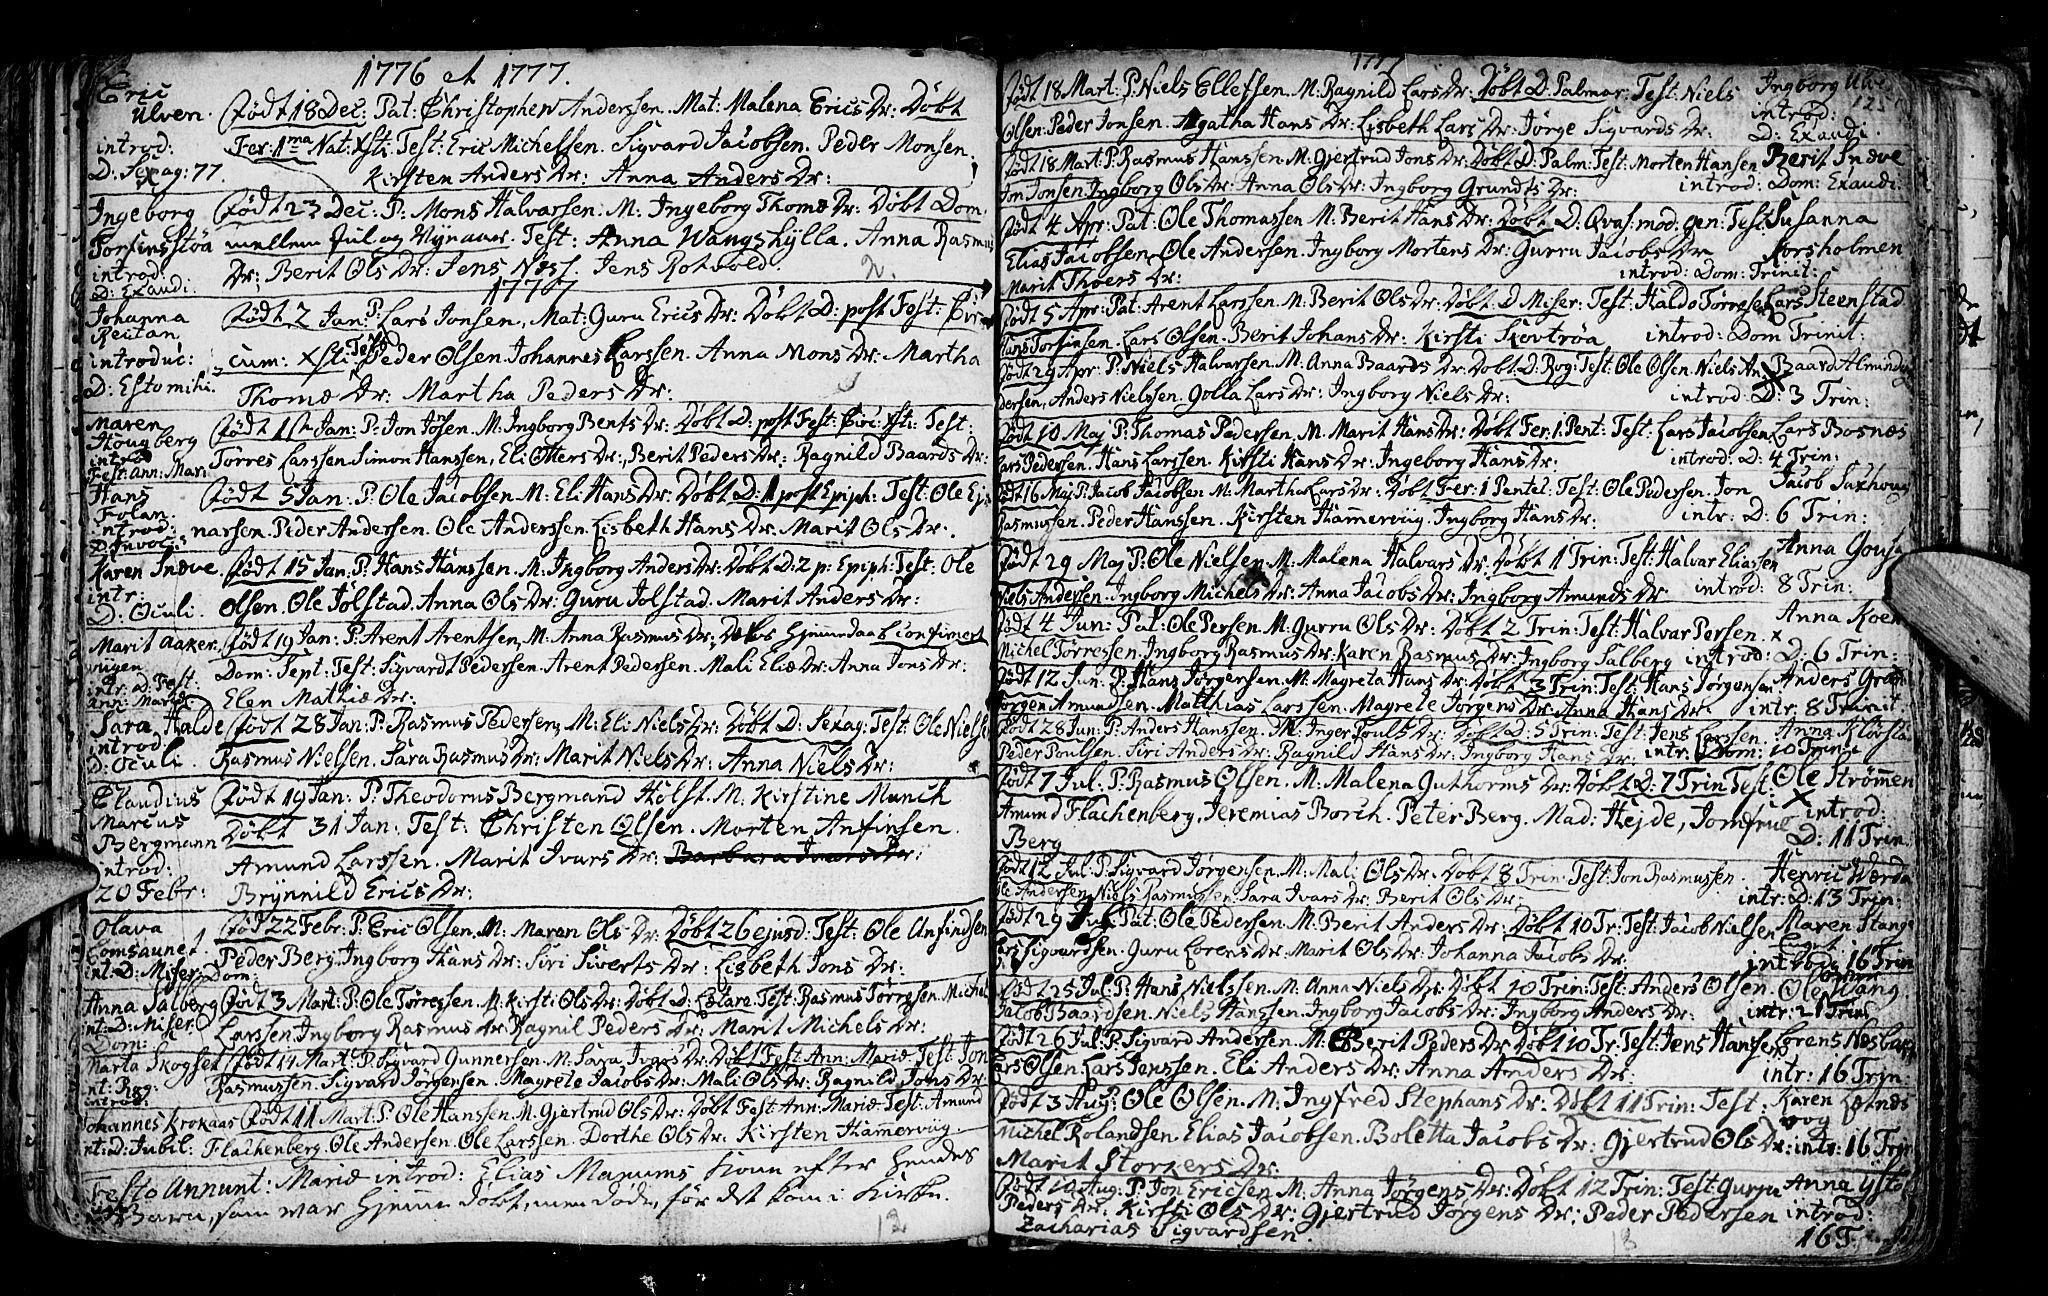 SAT, Ministerialprotokoller, klokkerbøker og fødselsregistre - Nord-Trøndelag, 730/L0273: Ministerialbok nr. 730A02, 1762-1802, s. 125